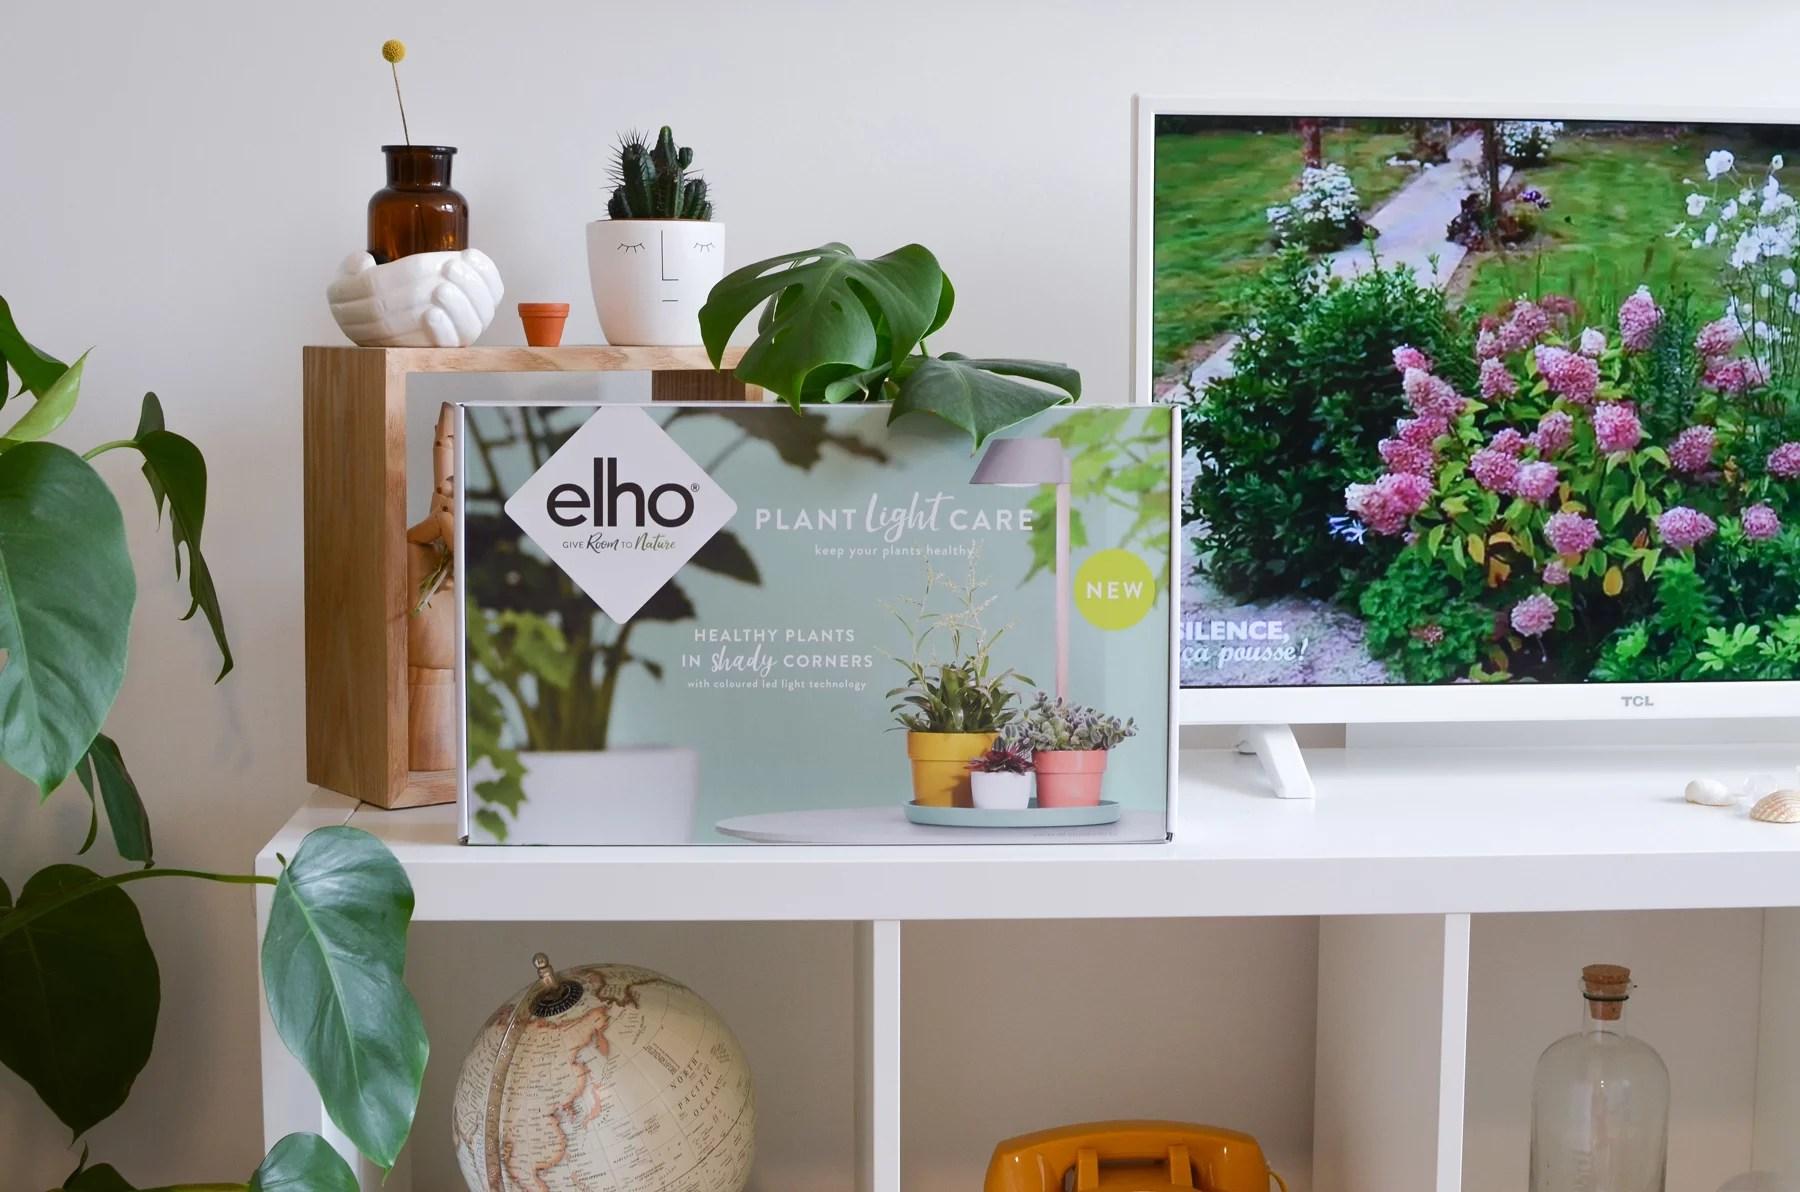 plant light care elho marmille - Mes objets et accessoires design pour ma petite jungle urbaine